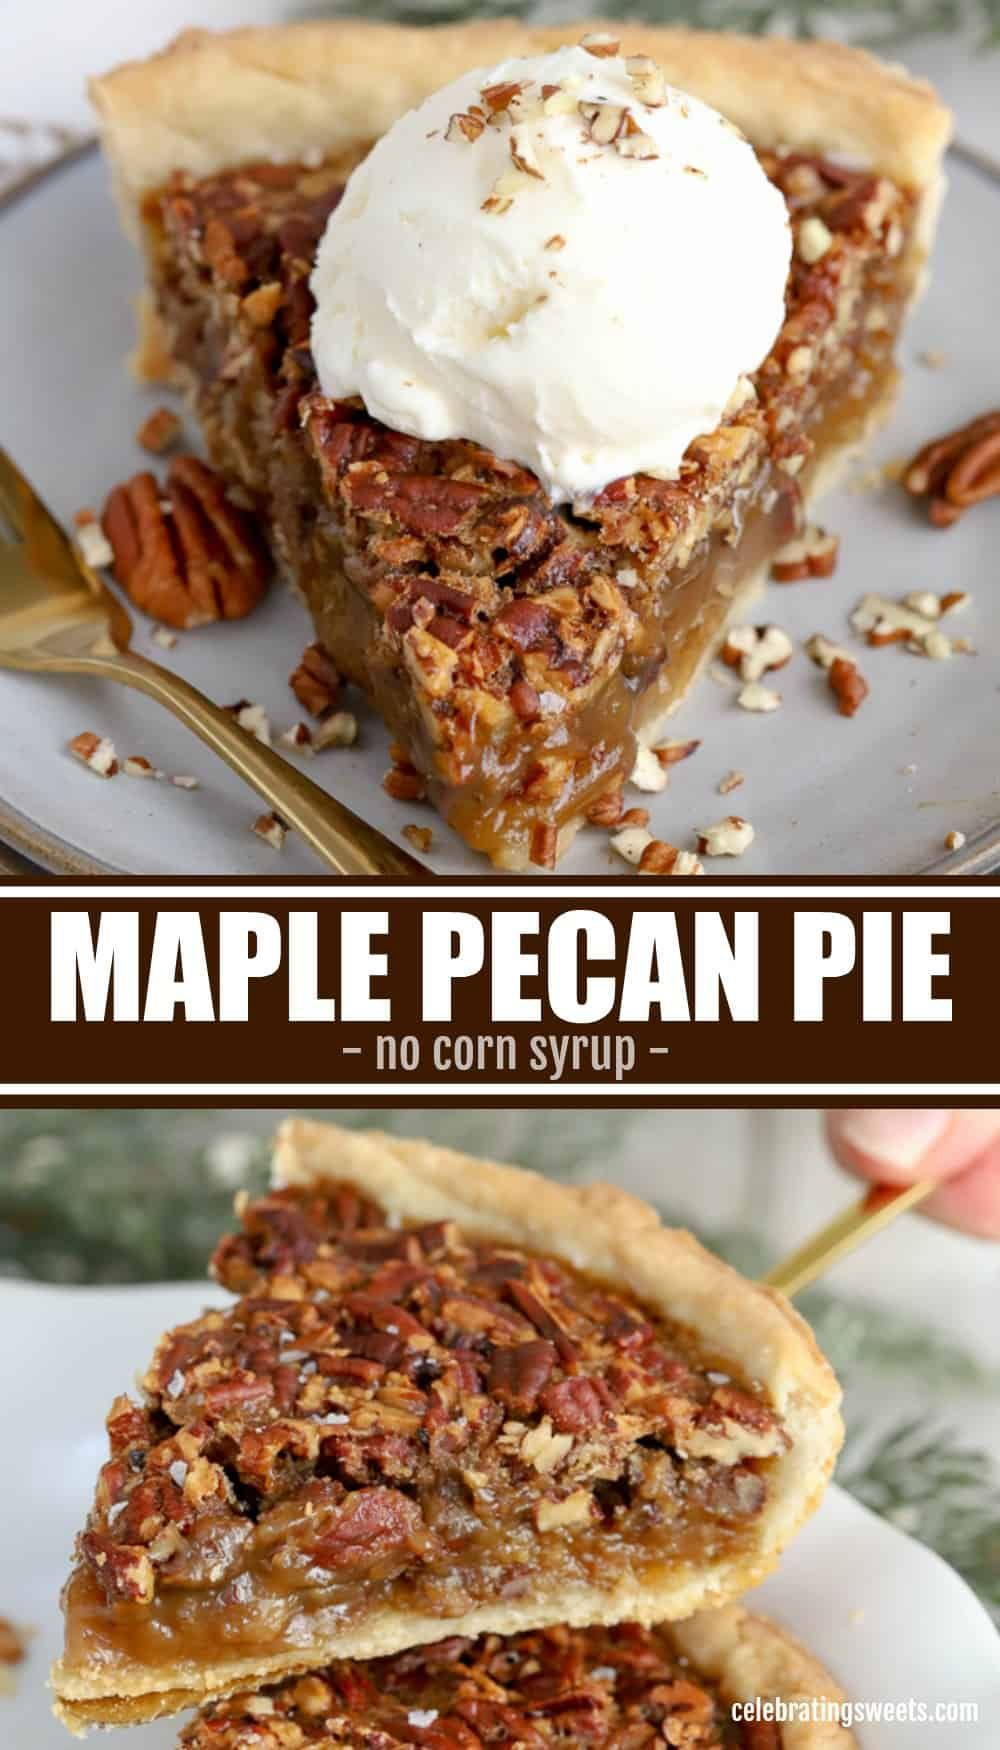 Maple Pecan Pie - Celebrating Sweets